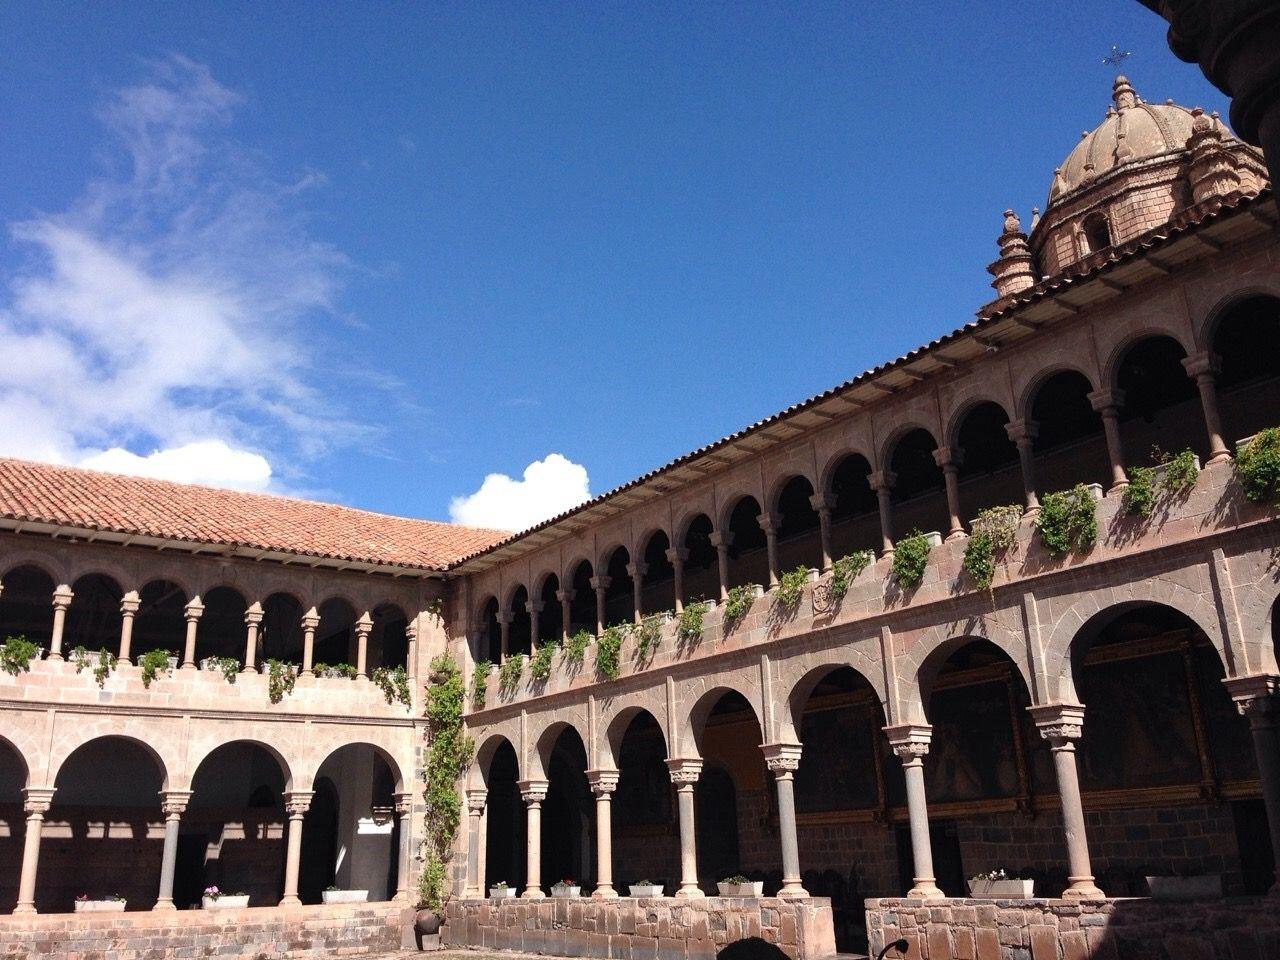 世界遺産の街!インカ帝国の首都クスコお薦めレストラン3選